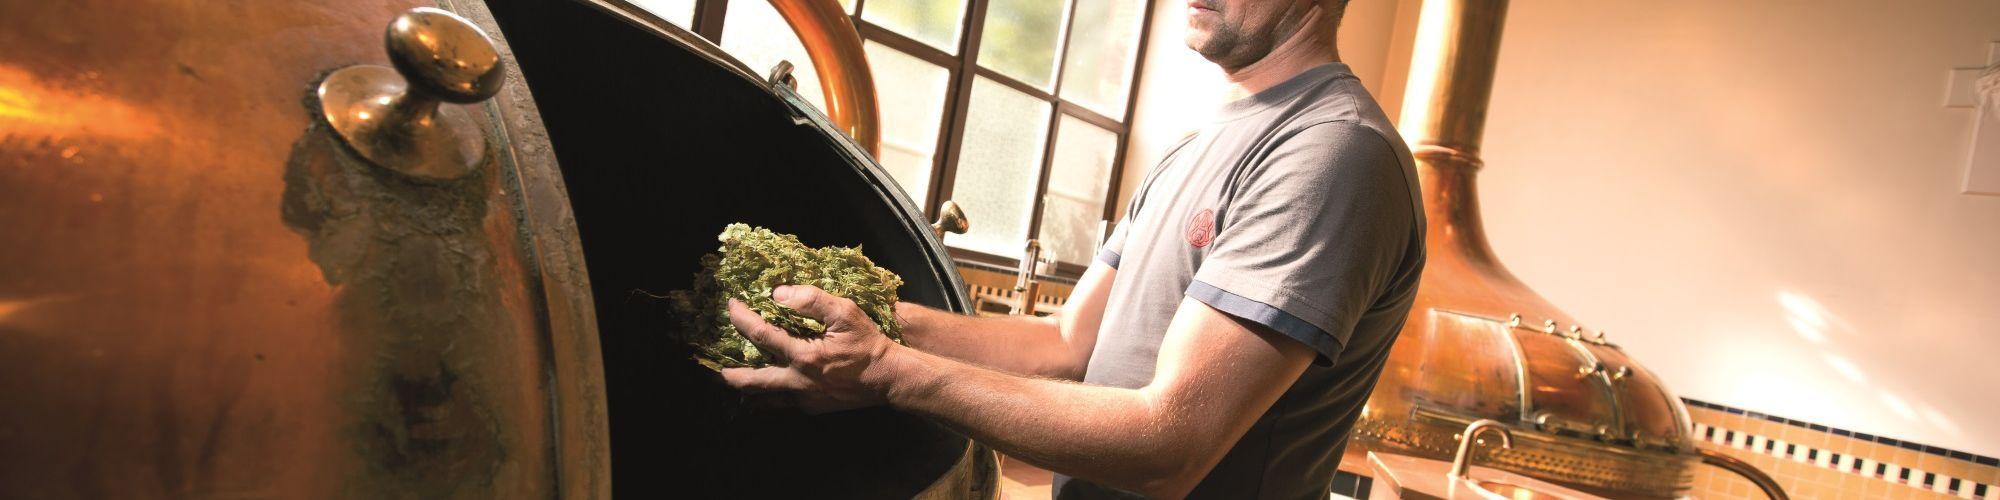 Le brasseur ajoute des cônes de houblon dans la cuve de cuisson